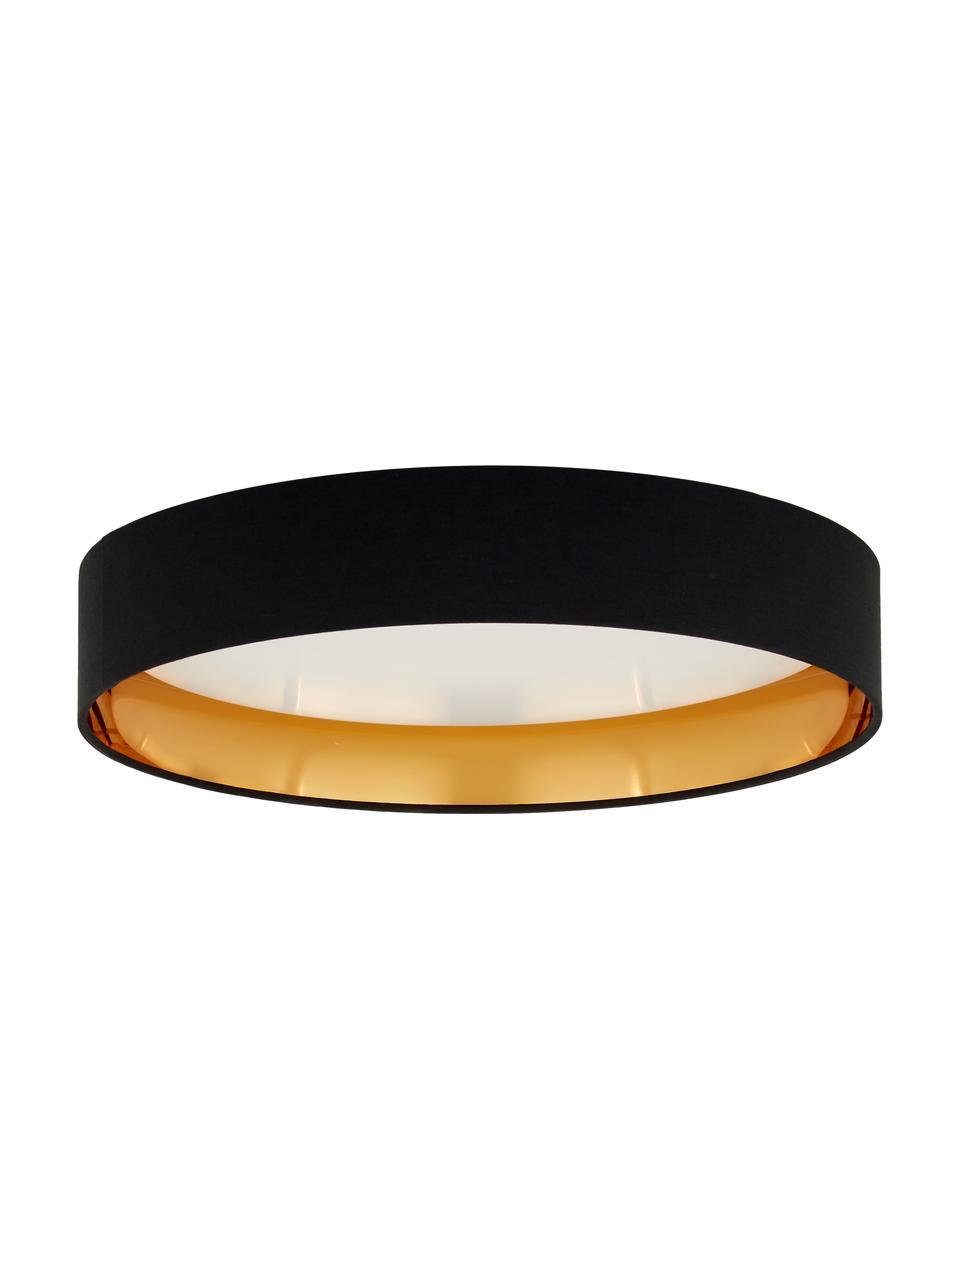 LED-Deckenleuchte Mallory in Schwarz, Diffusorscheibe: Kunststoff, Schwarz, Ø 41 x H 10 cm